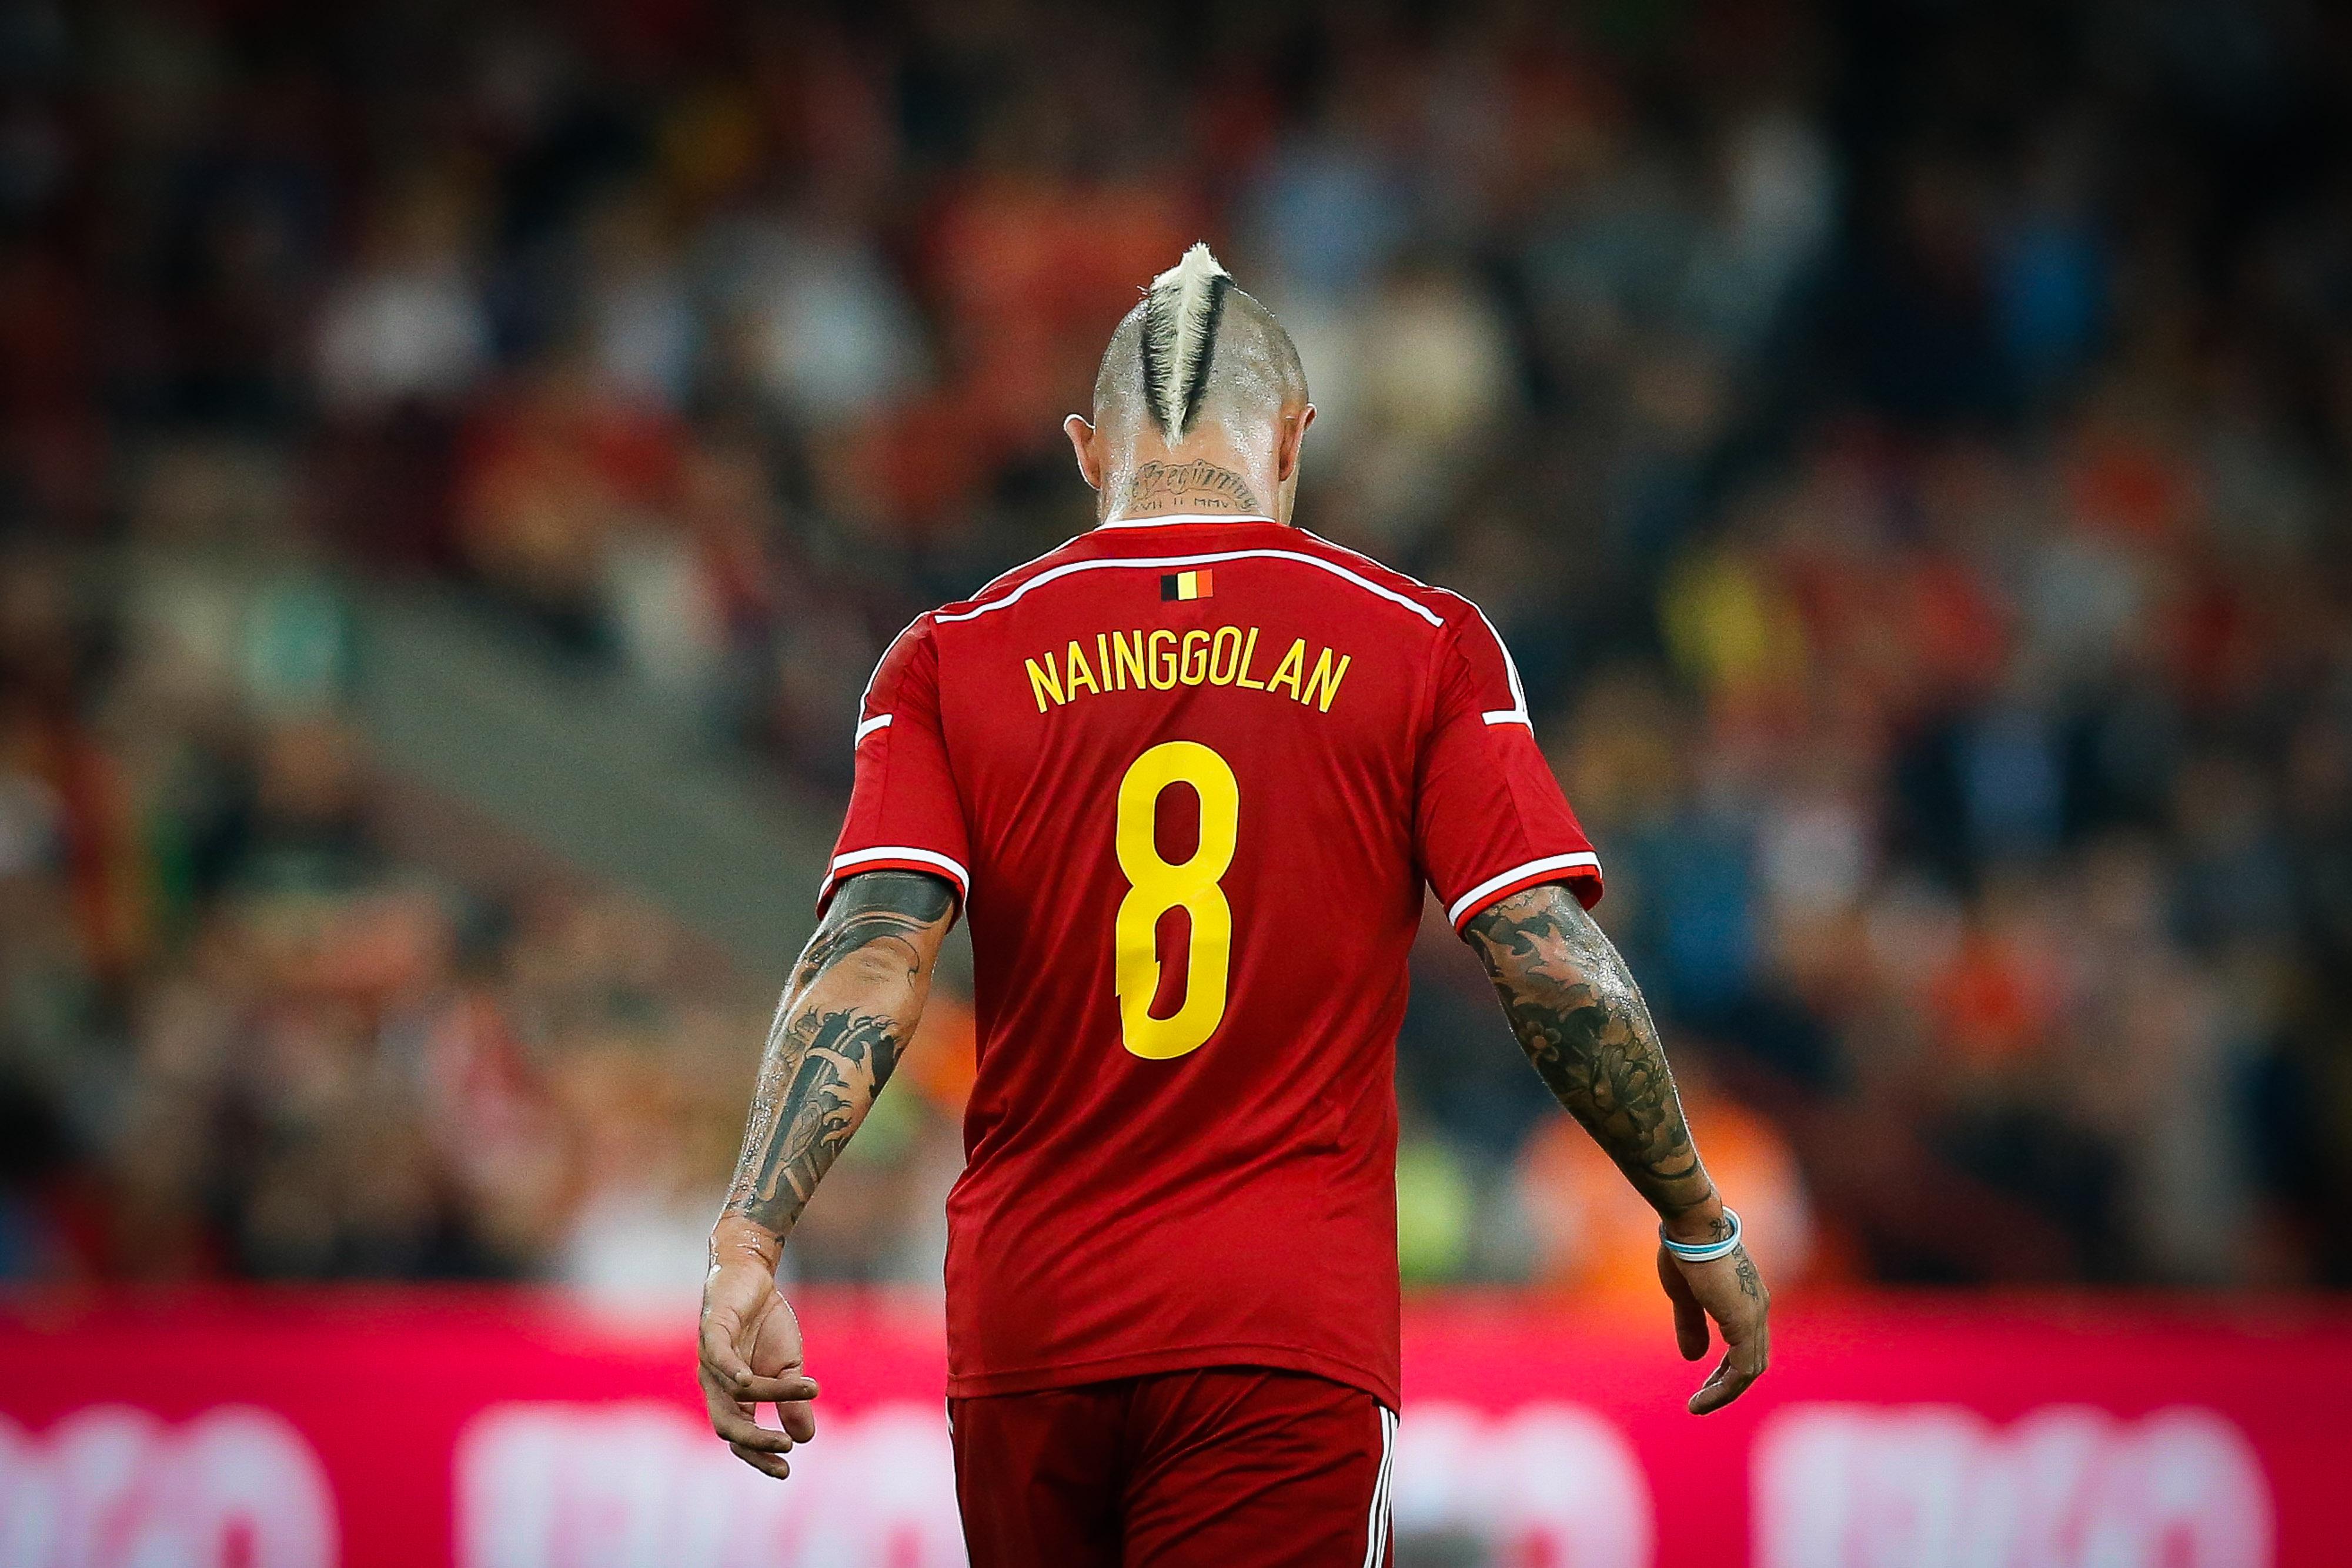 Nainggolan su Euro 2016 LItalia una delle favorite 4000x2667